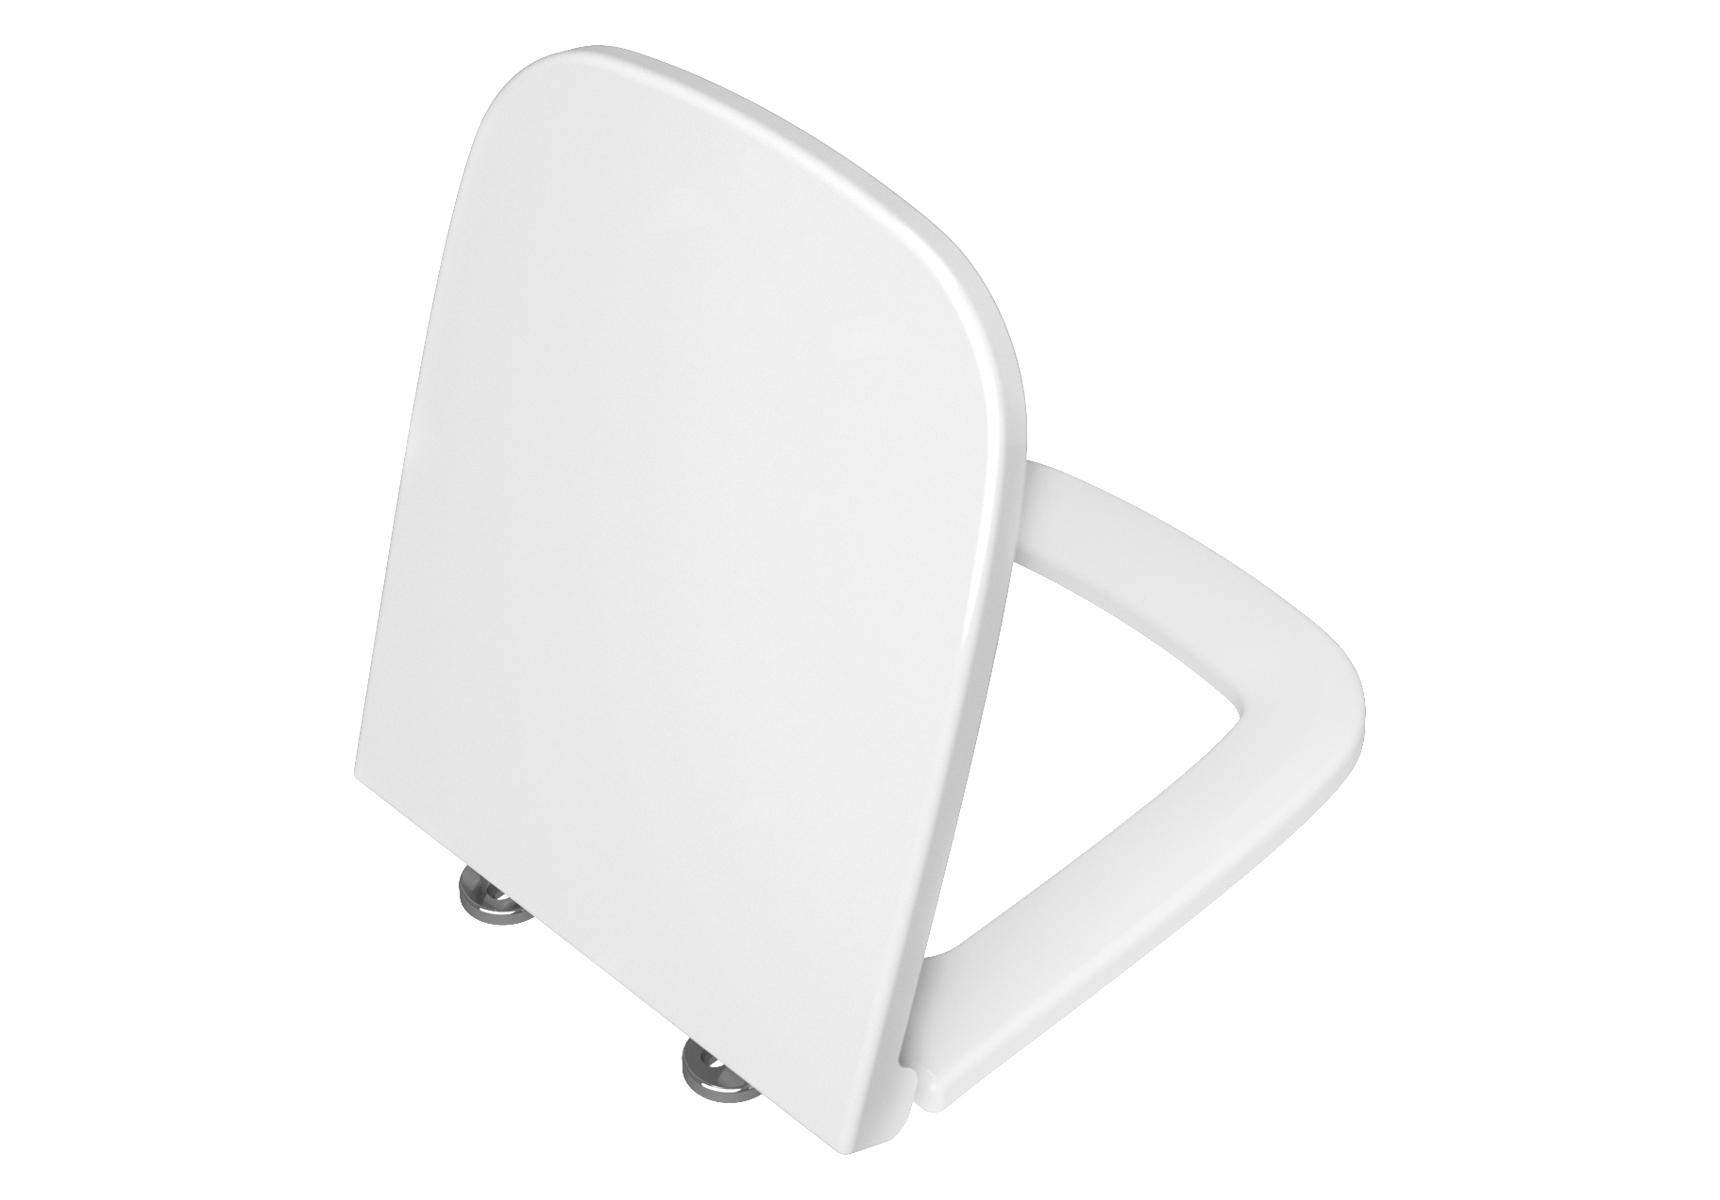 S20 WC-Sitz zu eckigen WCs mit Spülrand mit Absenkautomatik, Weiß Hochglanz